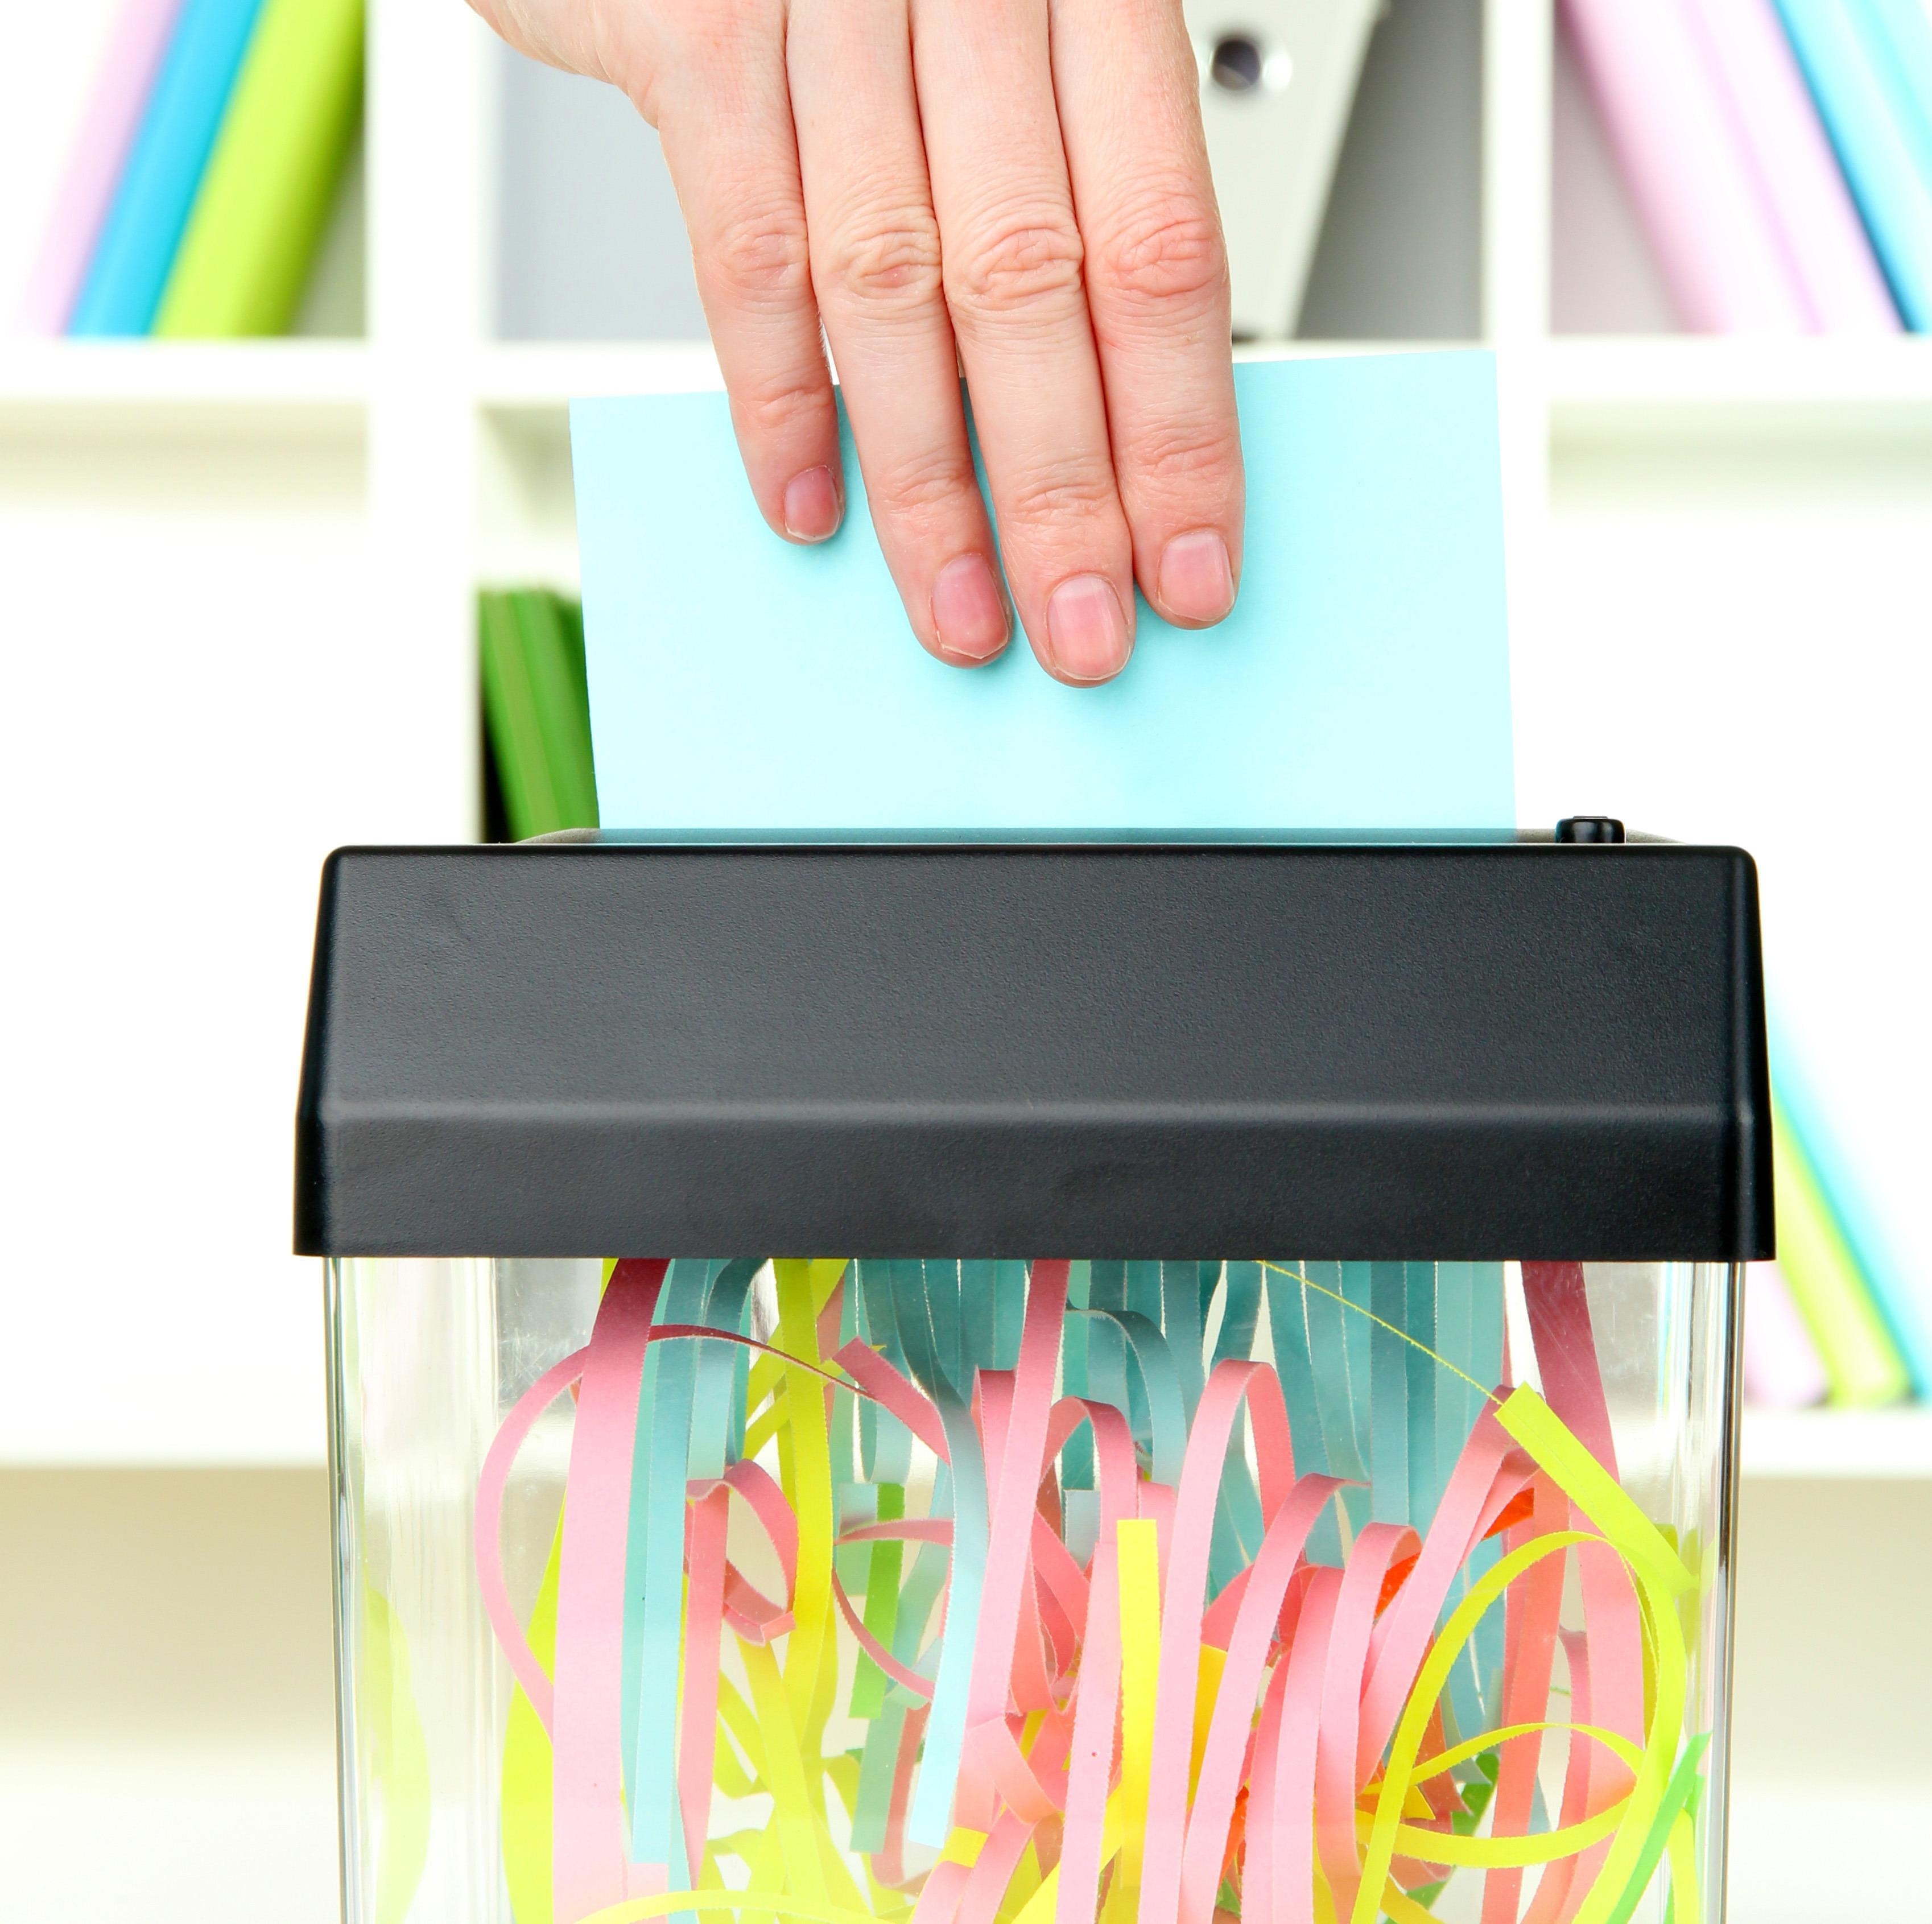 Slettetasten virker IKKE på denne måten.Foto: Shutterstock